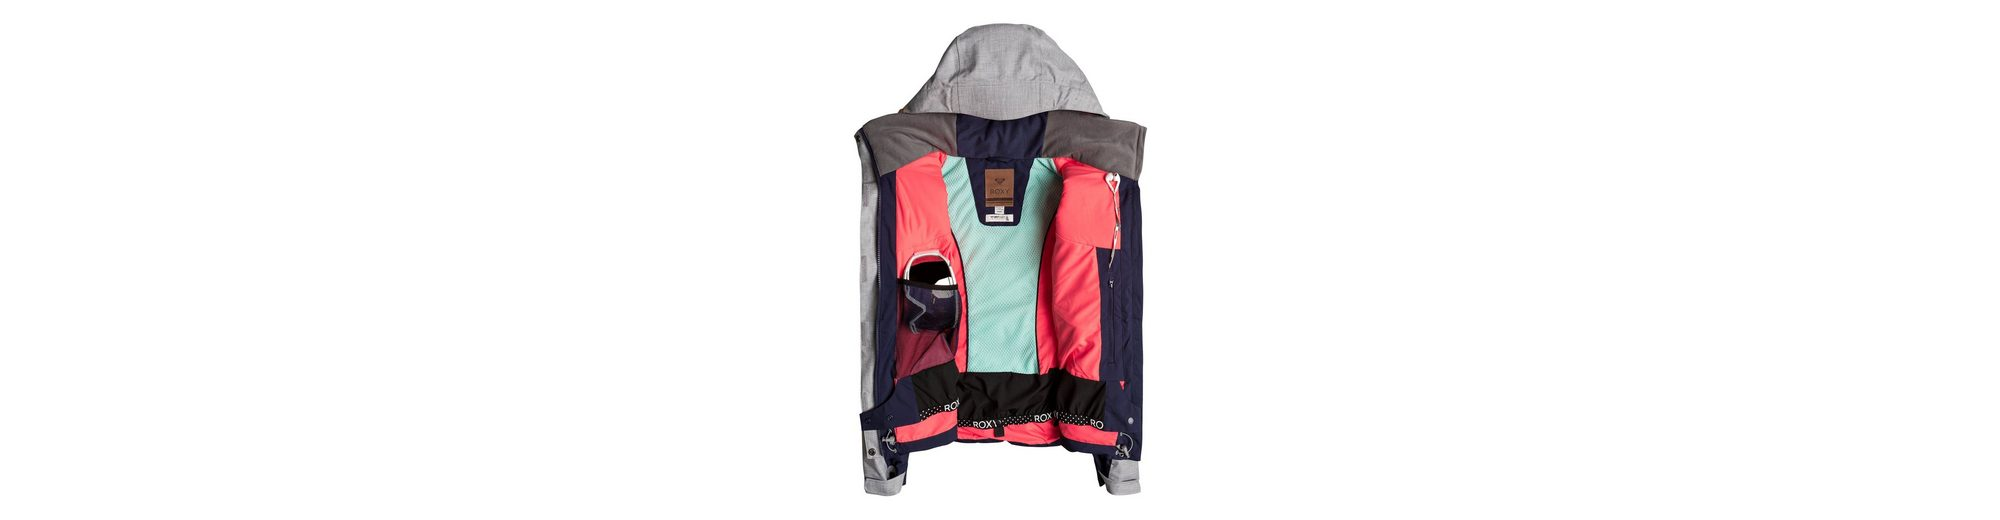 Preise Und Verfügbarkeit Für Verkauf Steckdose Reihenfolge Roxy Snow Jacke Flicker hPnxHnzzvl